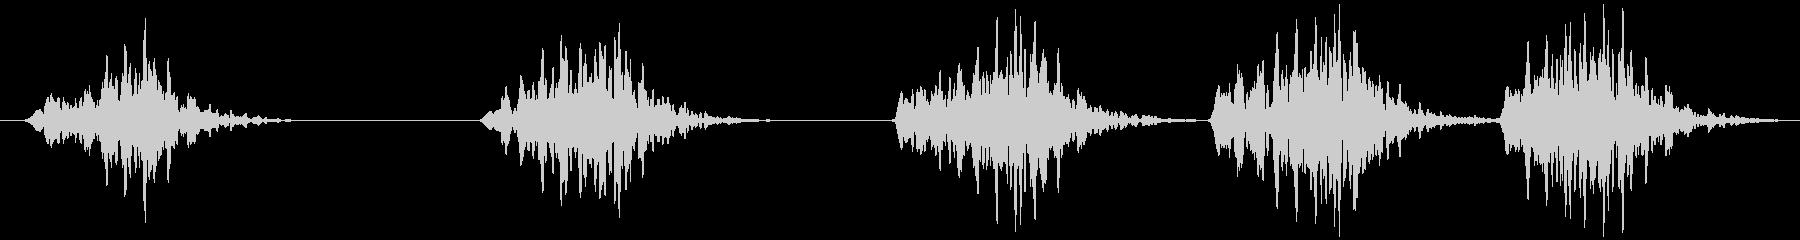 コオロギ キリキリ…キリキリキリの未再生の波形